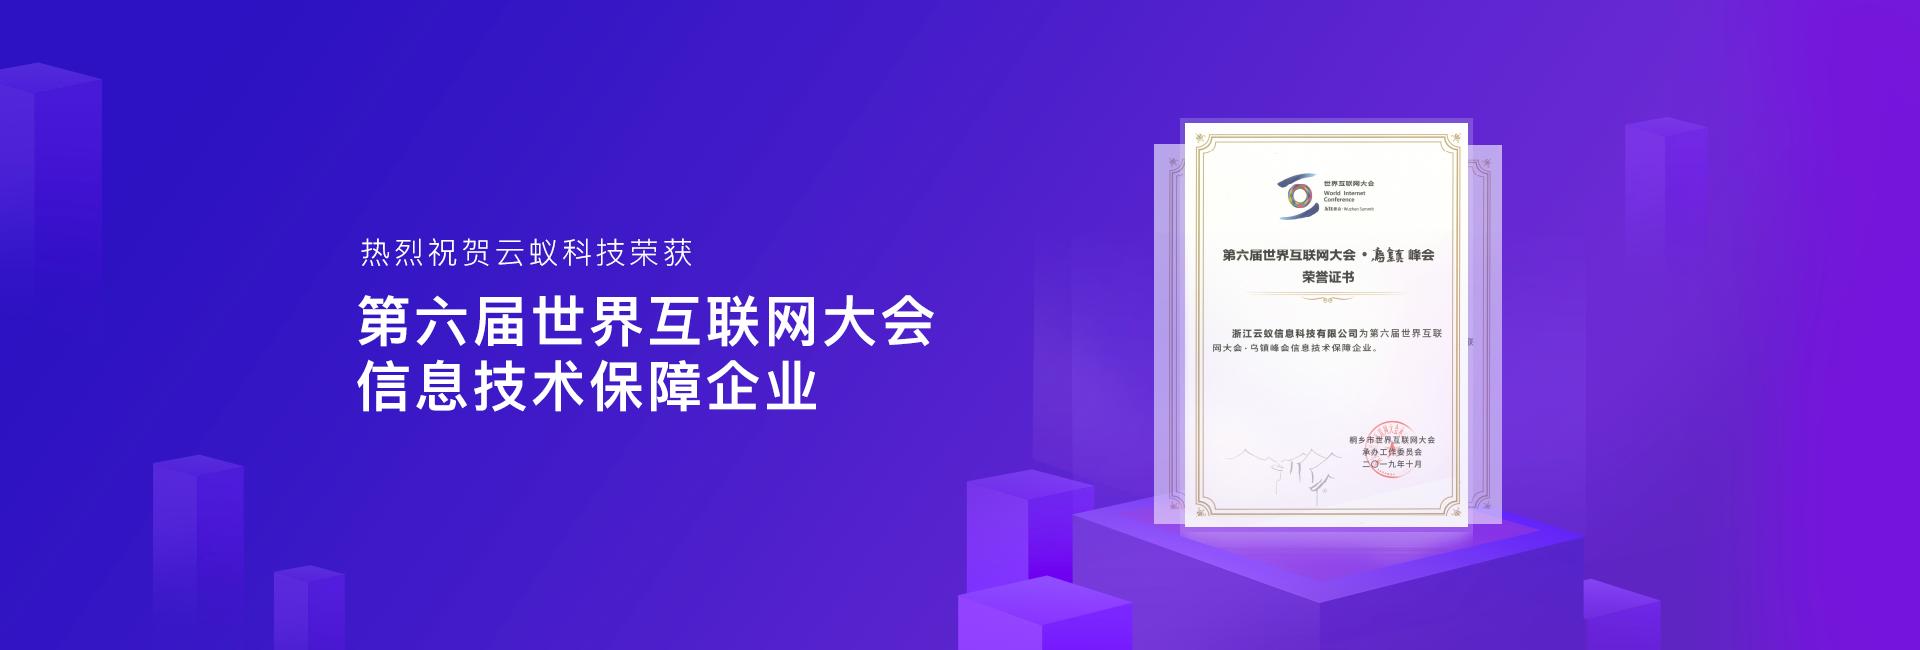 云蚁科技荣获第六届世界互联网大会信息技术保障企业荣誉证书